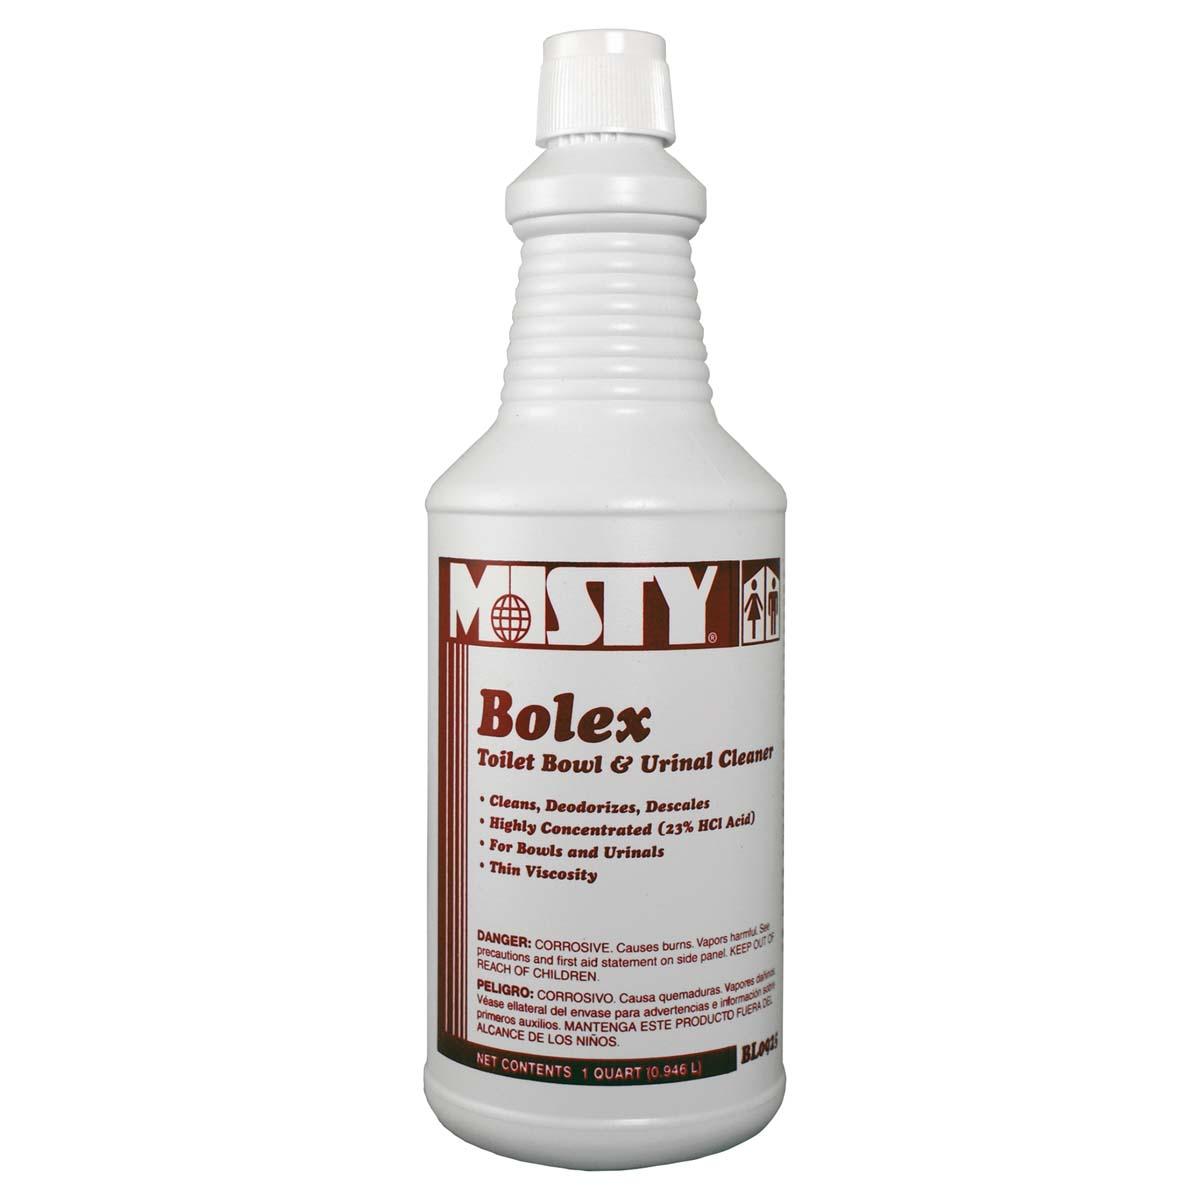 Bolex Detergents